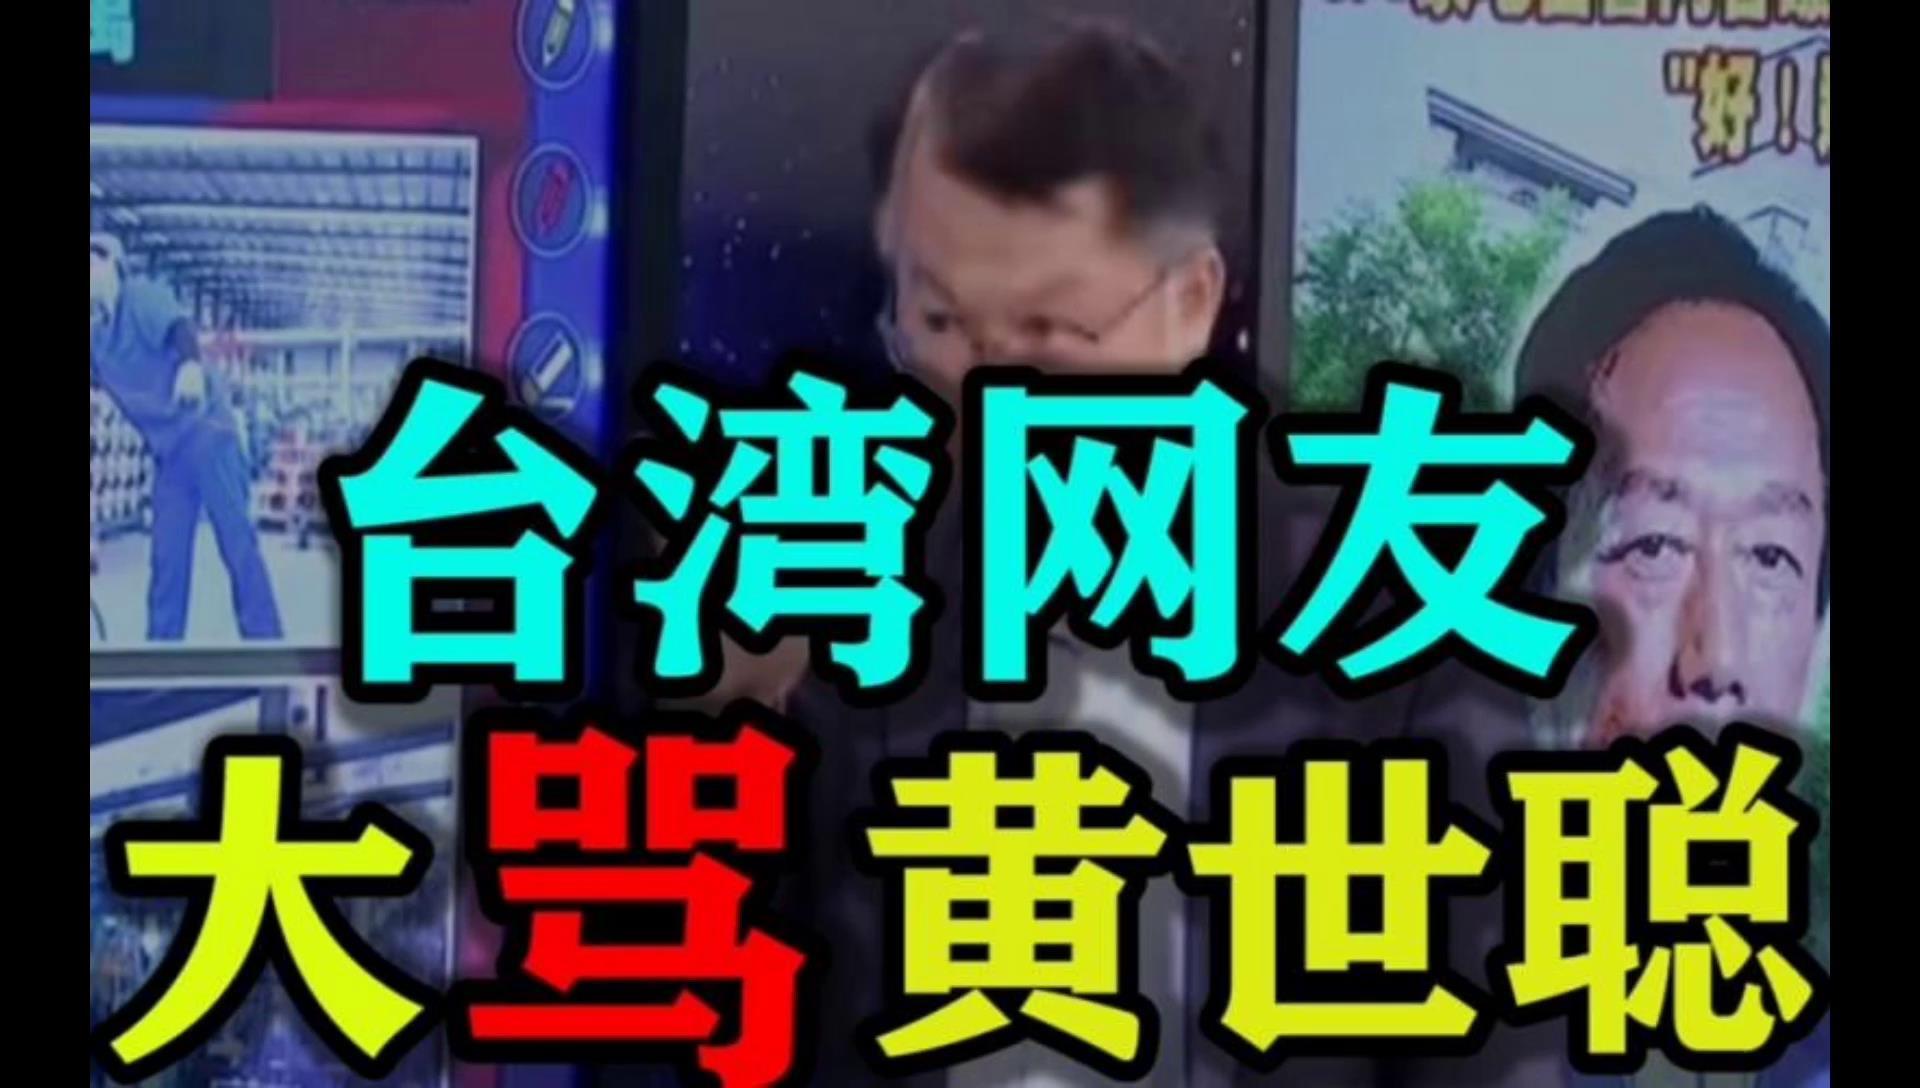 #两岸青年说#台湾网友怒骂黄世聪,真是丢脸丢到家了!图片